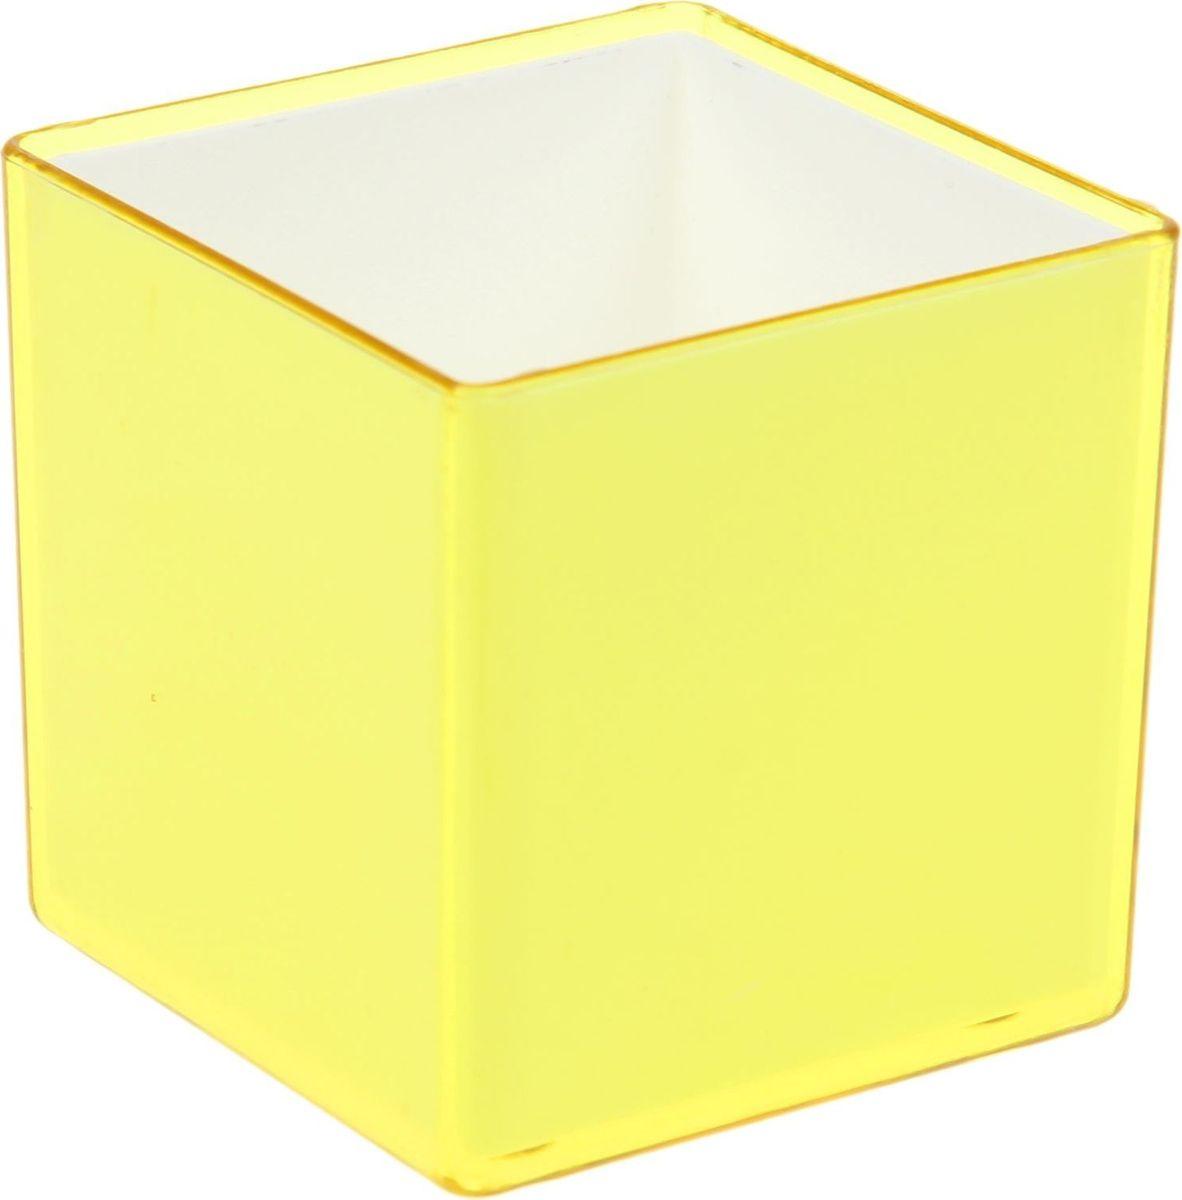 Кашпо JetPlast Мини куб, цвет: желтый, 0,16 л1366452Традиционно горшки для цветов имели круглую форму, но сейчас набирают популярность квадратные и прямоугольные кашпо. Стильные и современные, они отлично впишутся в любой интерьер. Особенно эффектно такие изделия будут смотреться там, где преобладают чёткие линии и простые формы. Кашпо «Мини-куб» — это миниатюрные горшки, которые дополнят интерьер и внесут в него изюминку. Объём в 160 мл рассчитан под рассаду карликовых растений. Вы сможете поставить вазу на рабочий стол, полку или же подоконник. Модель «Мини-куб» имеет ряд особенностей: -вставка, которая позволяет ухаживать за горшком без повреждения покрытия-малый вес и компактность-при производстве используется только безопасный пластик.